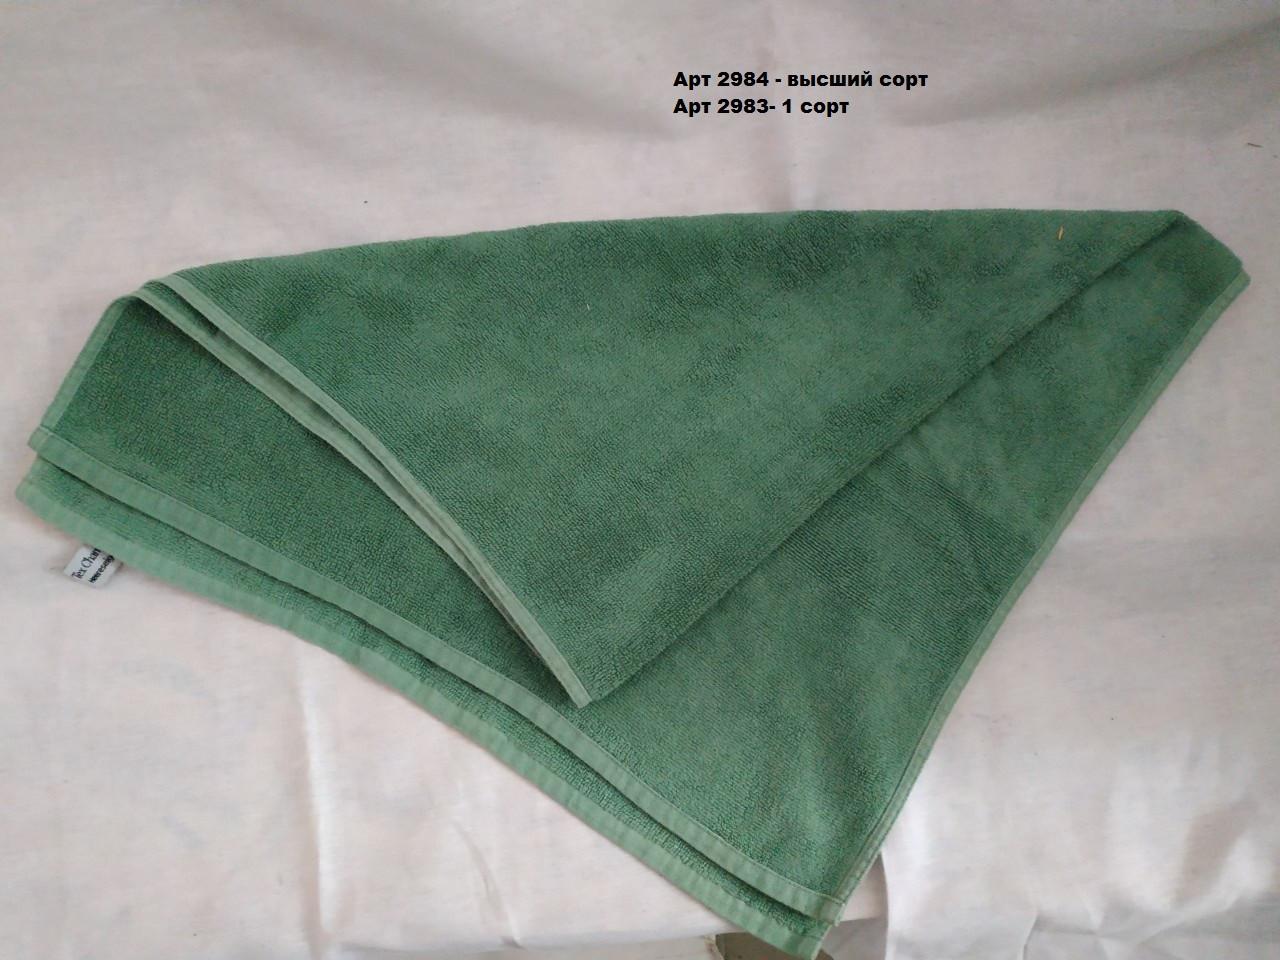 Армейское полотенце МАХРА  100/50 cm. Великобритания, оригинал. Б\У высший сорт